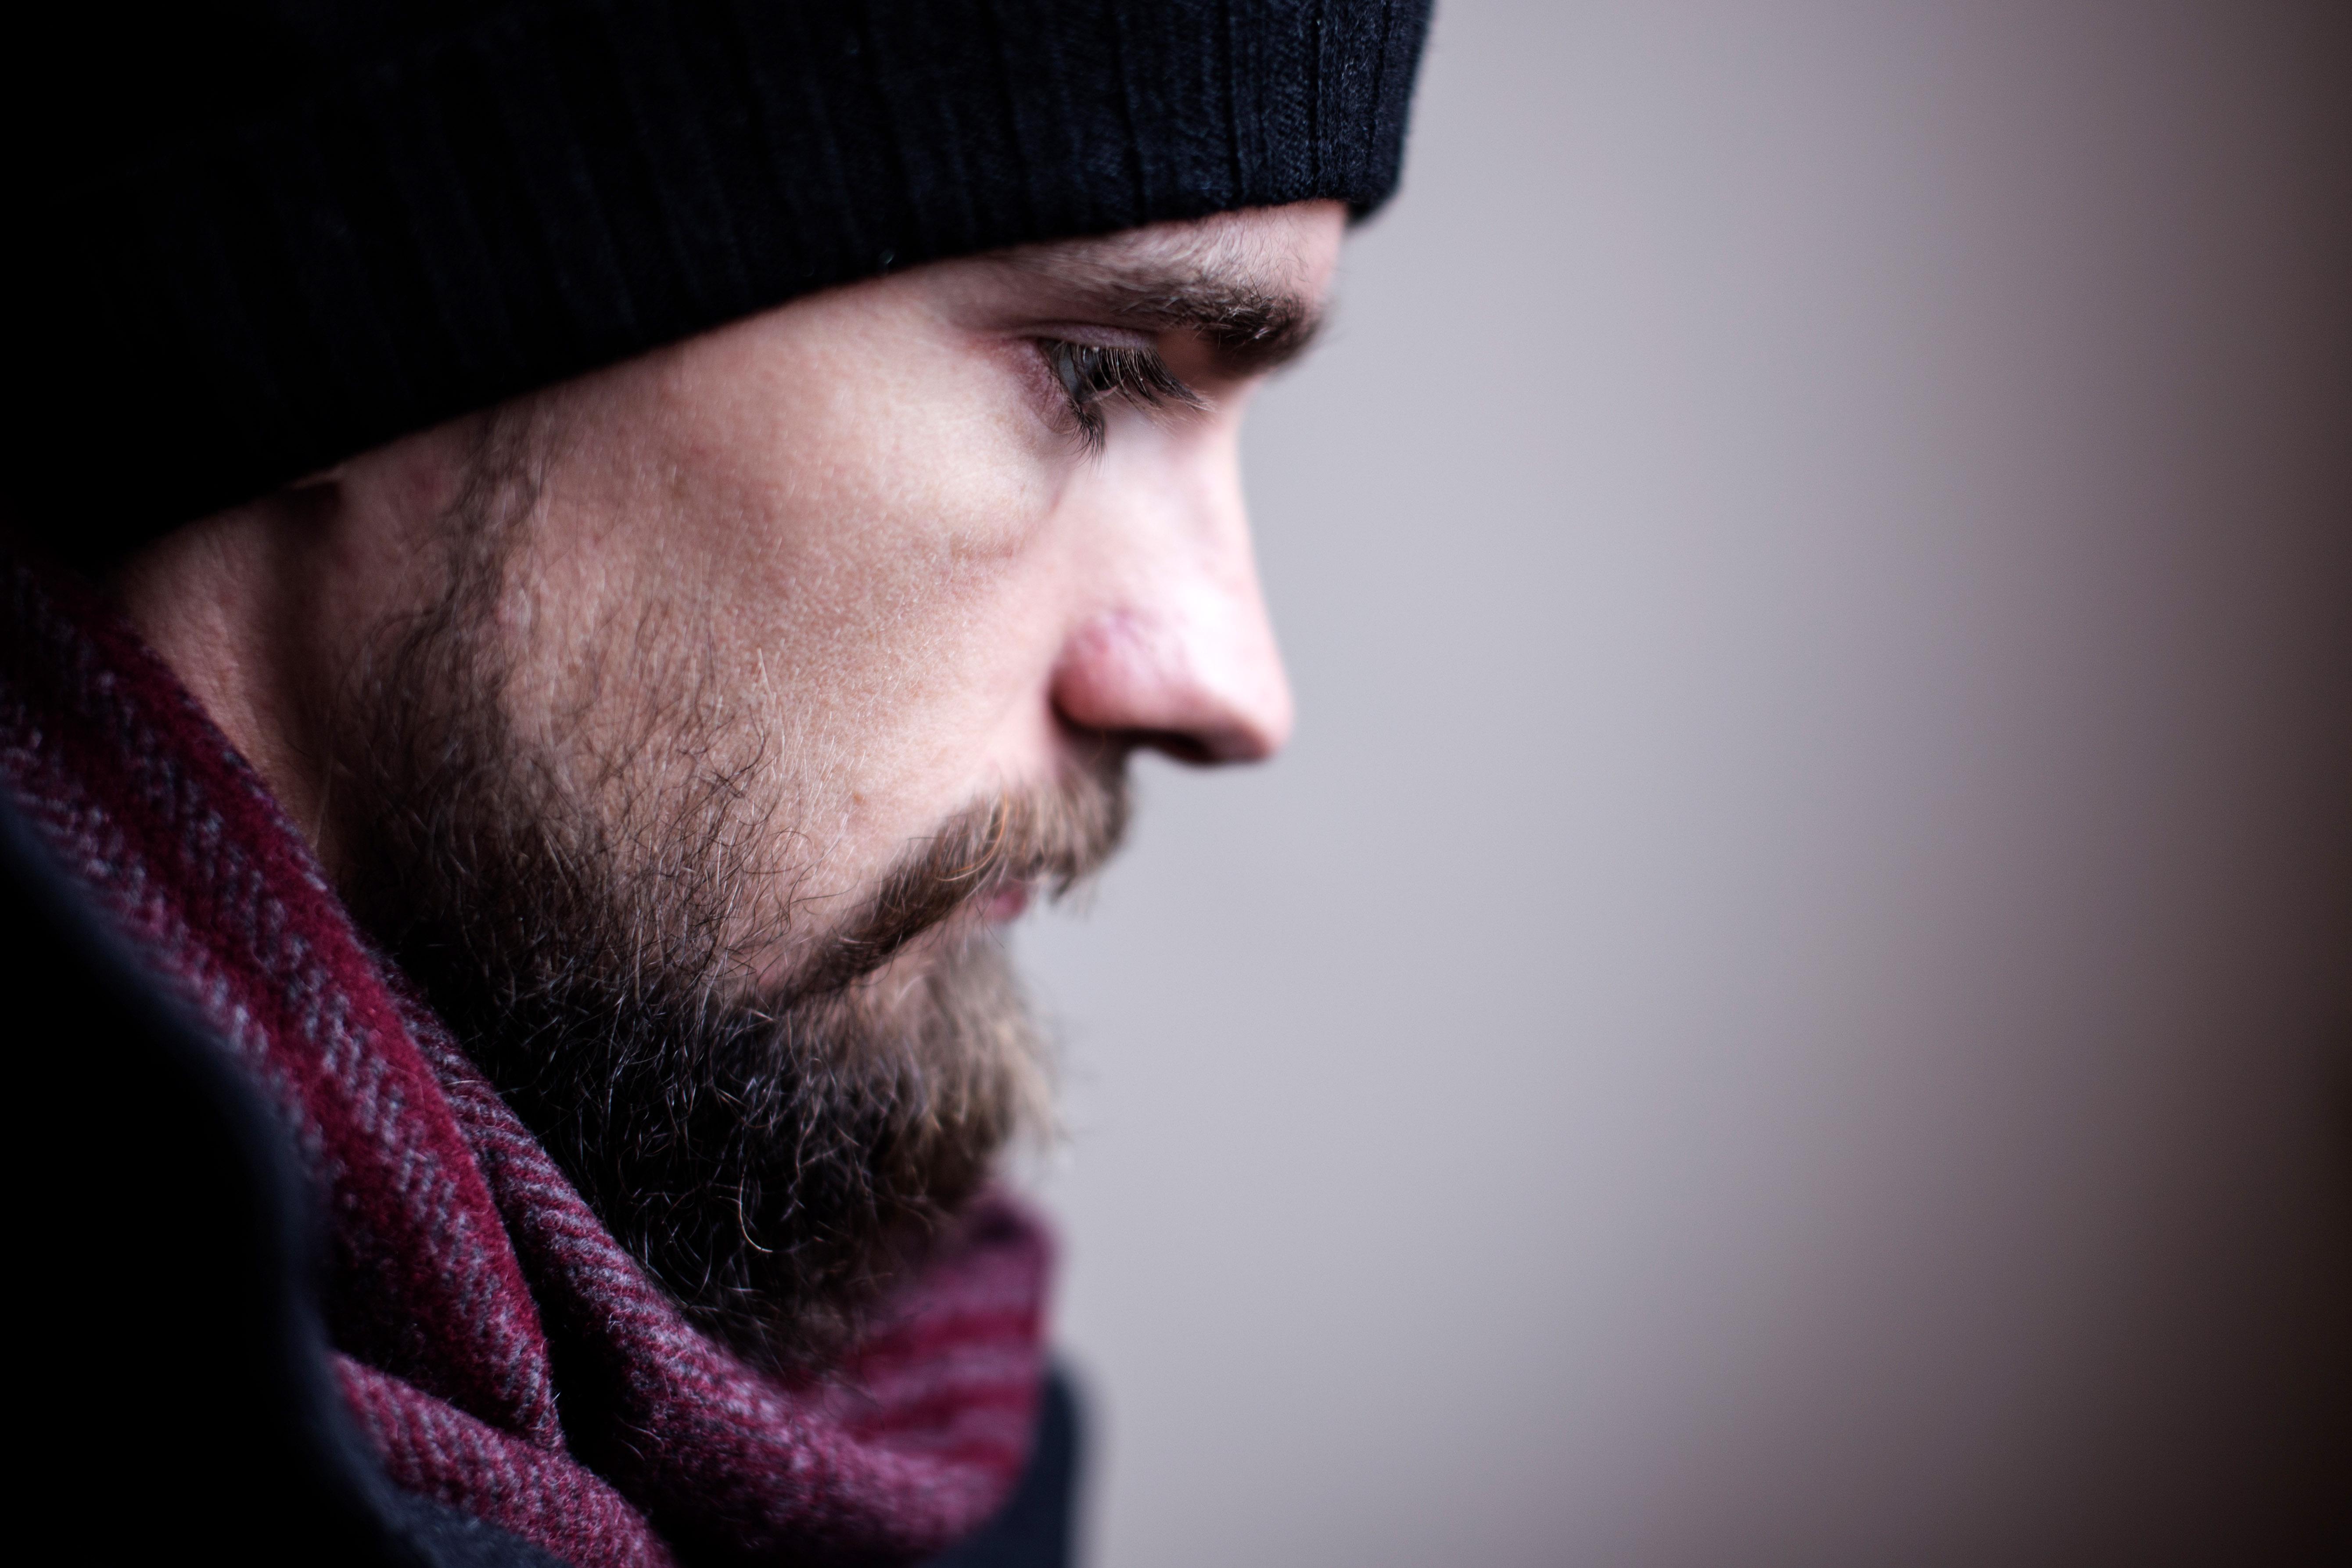 bearded man image free stock photo public domain photo cc0 images